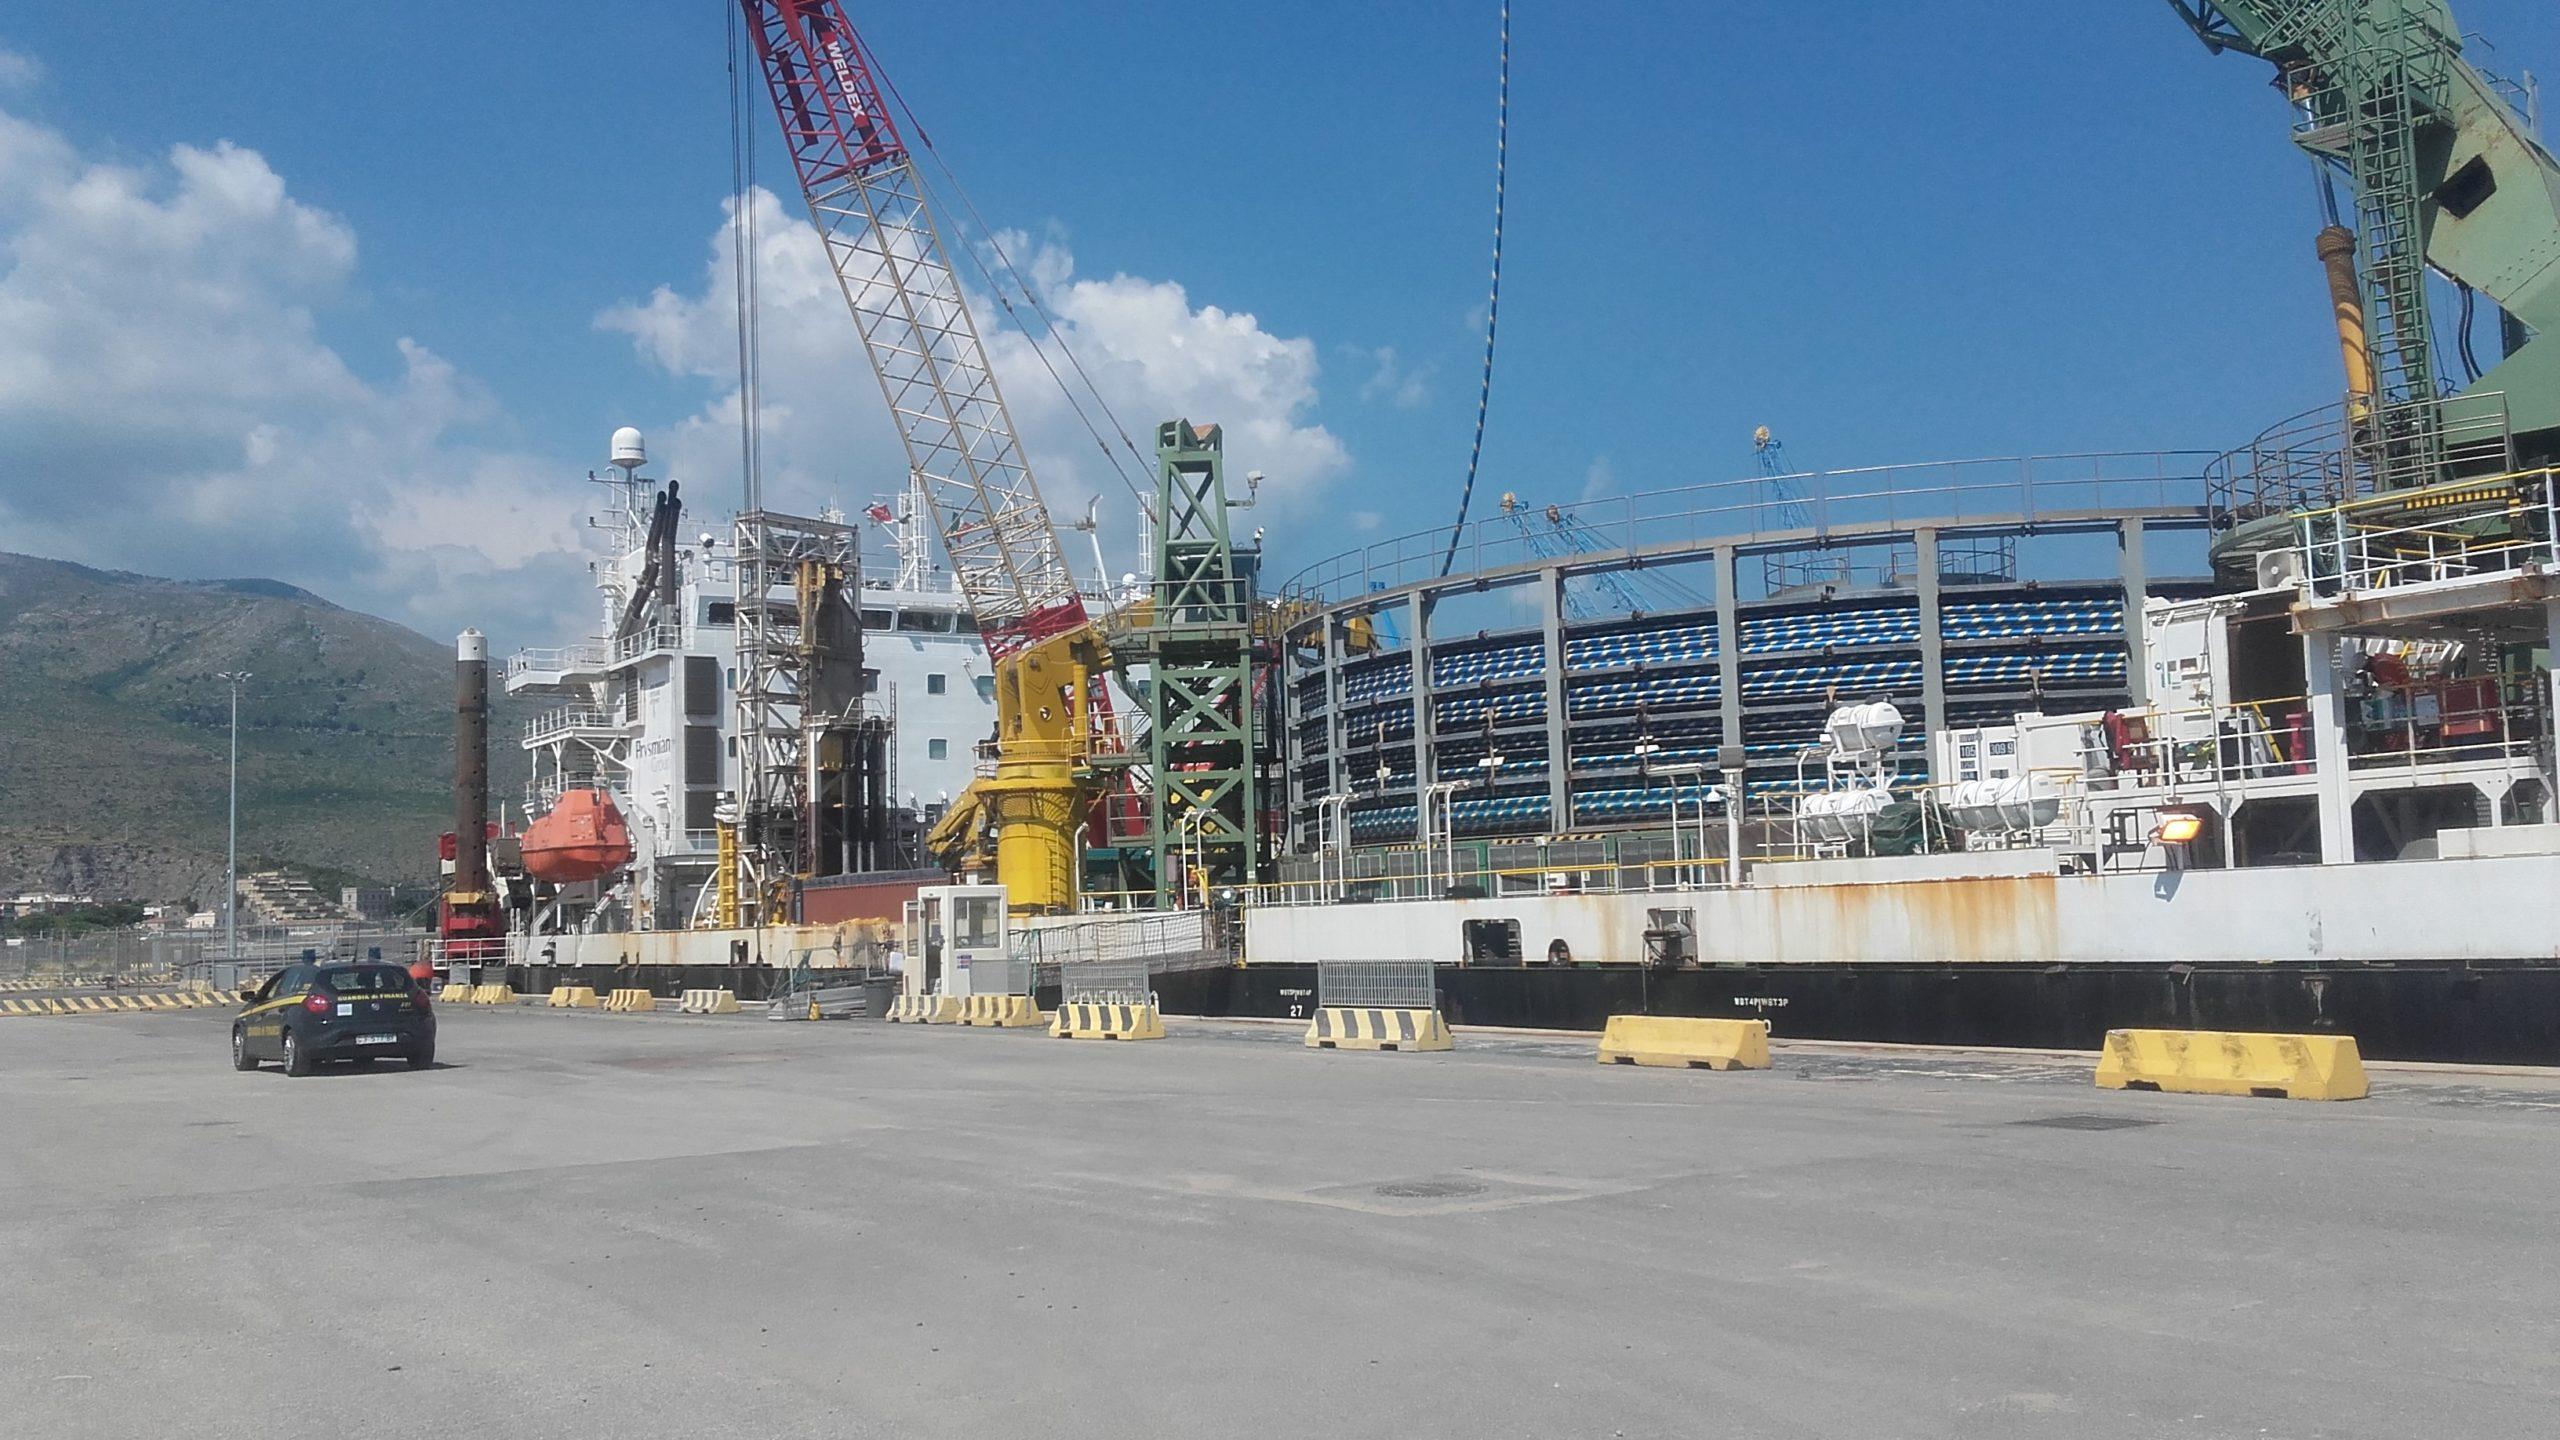 Nuovo importante traffico commerciale nel porto di Gaeta